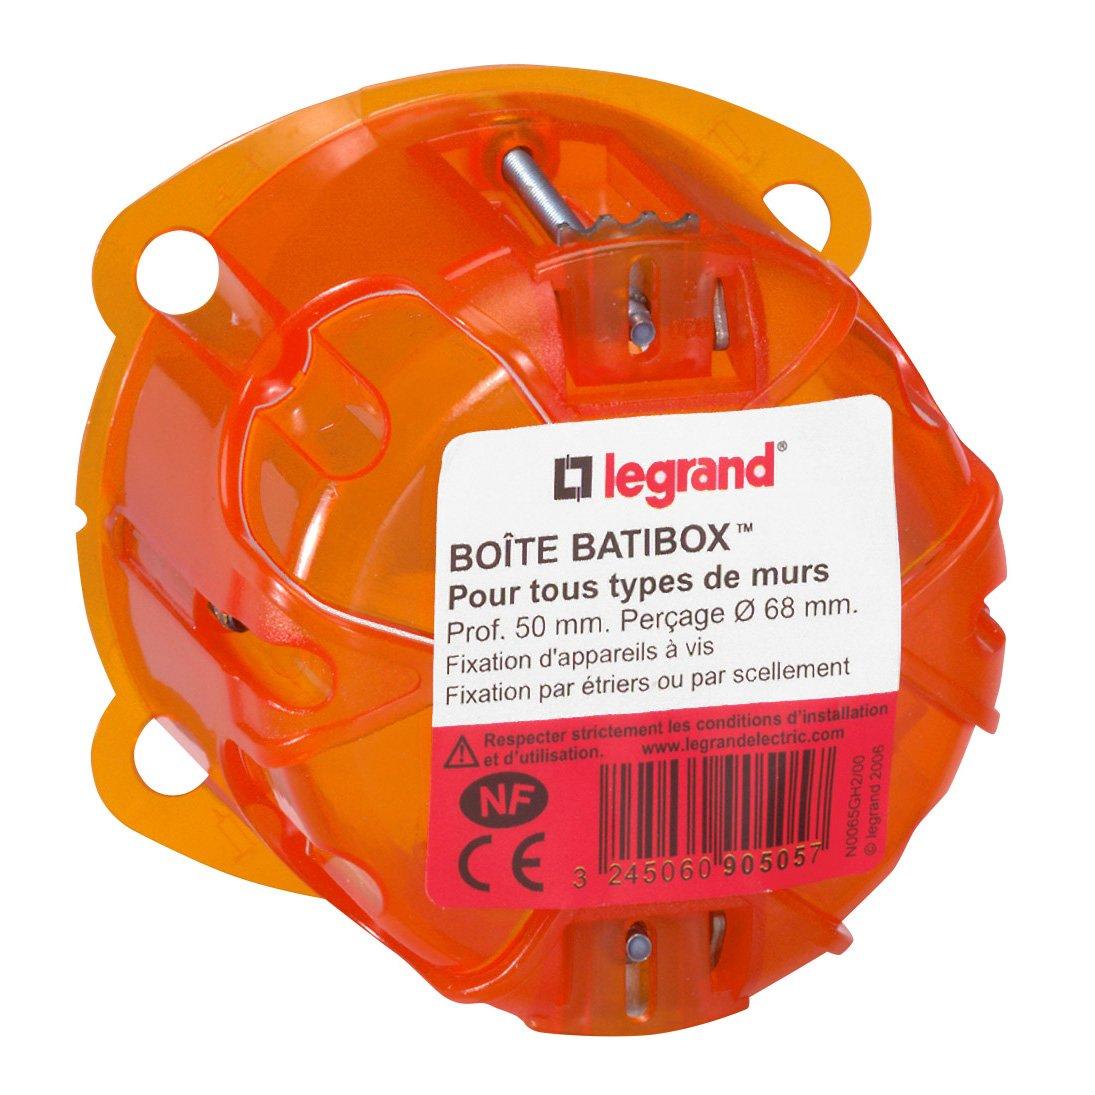 Legrand LEG90505 - Scatola da incasso Batibox 1 posto, per vari materiali, profondità 50 mm